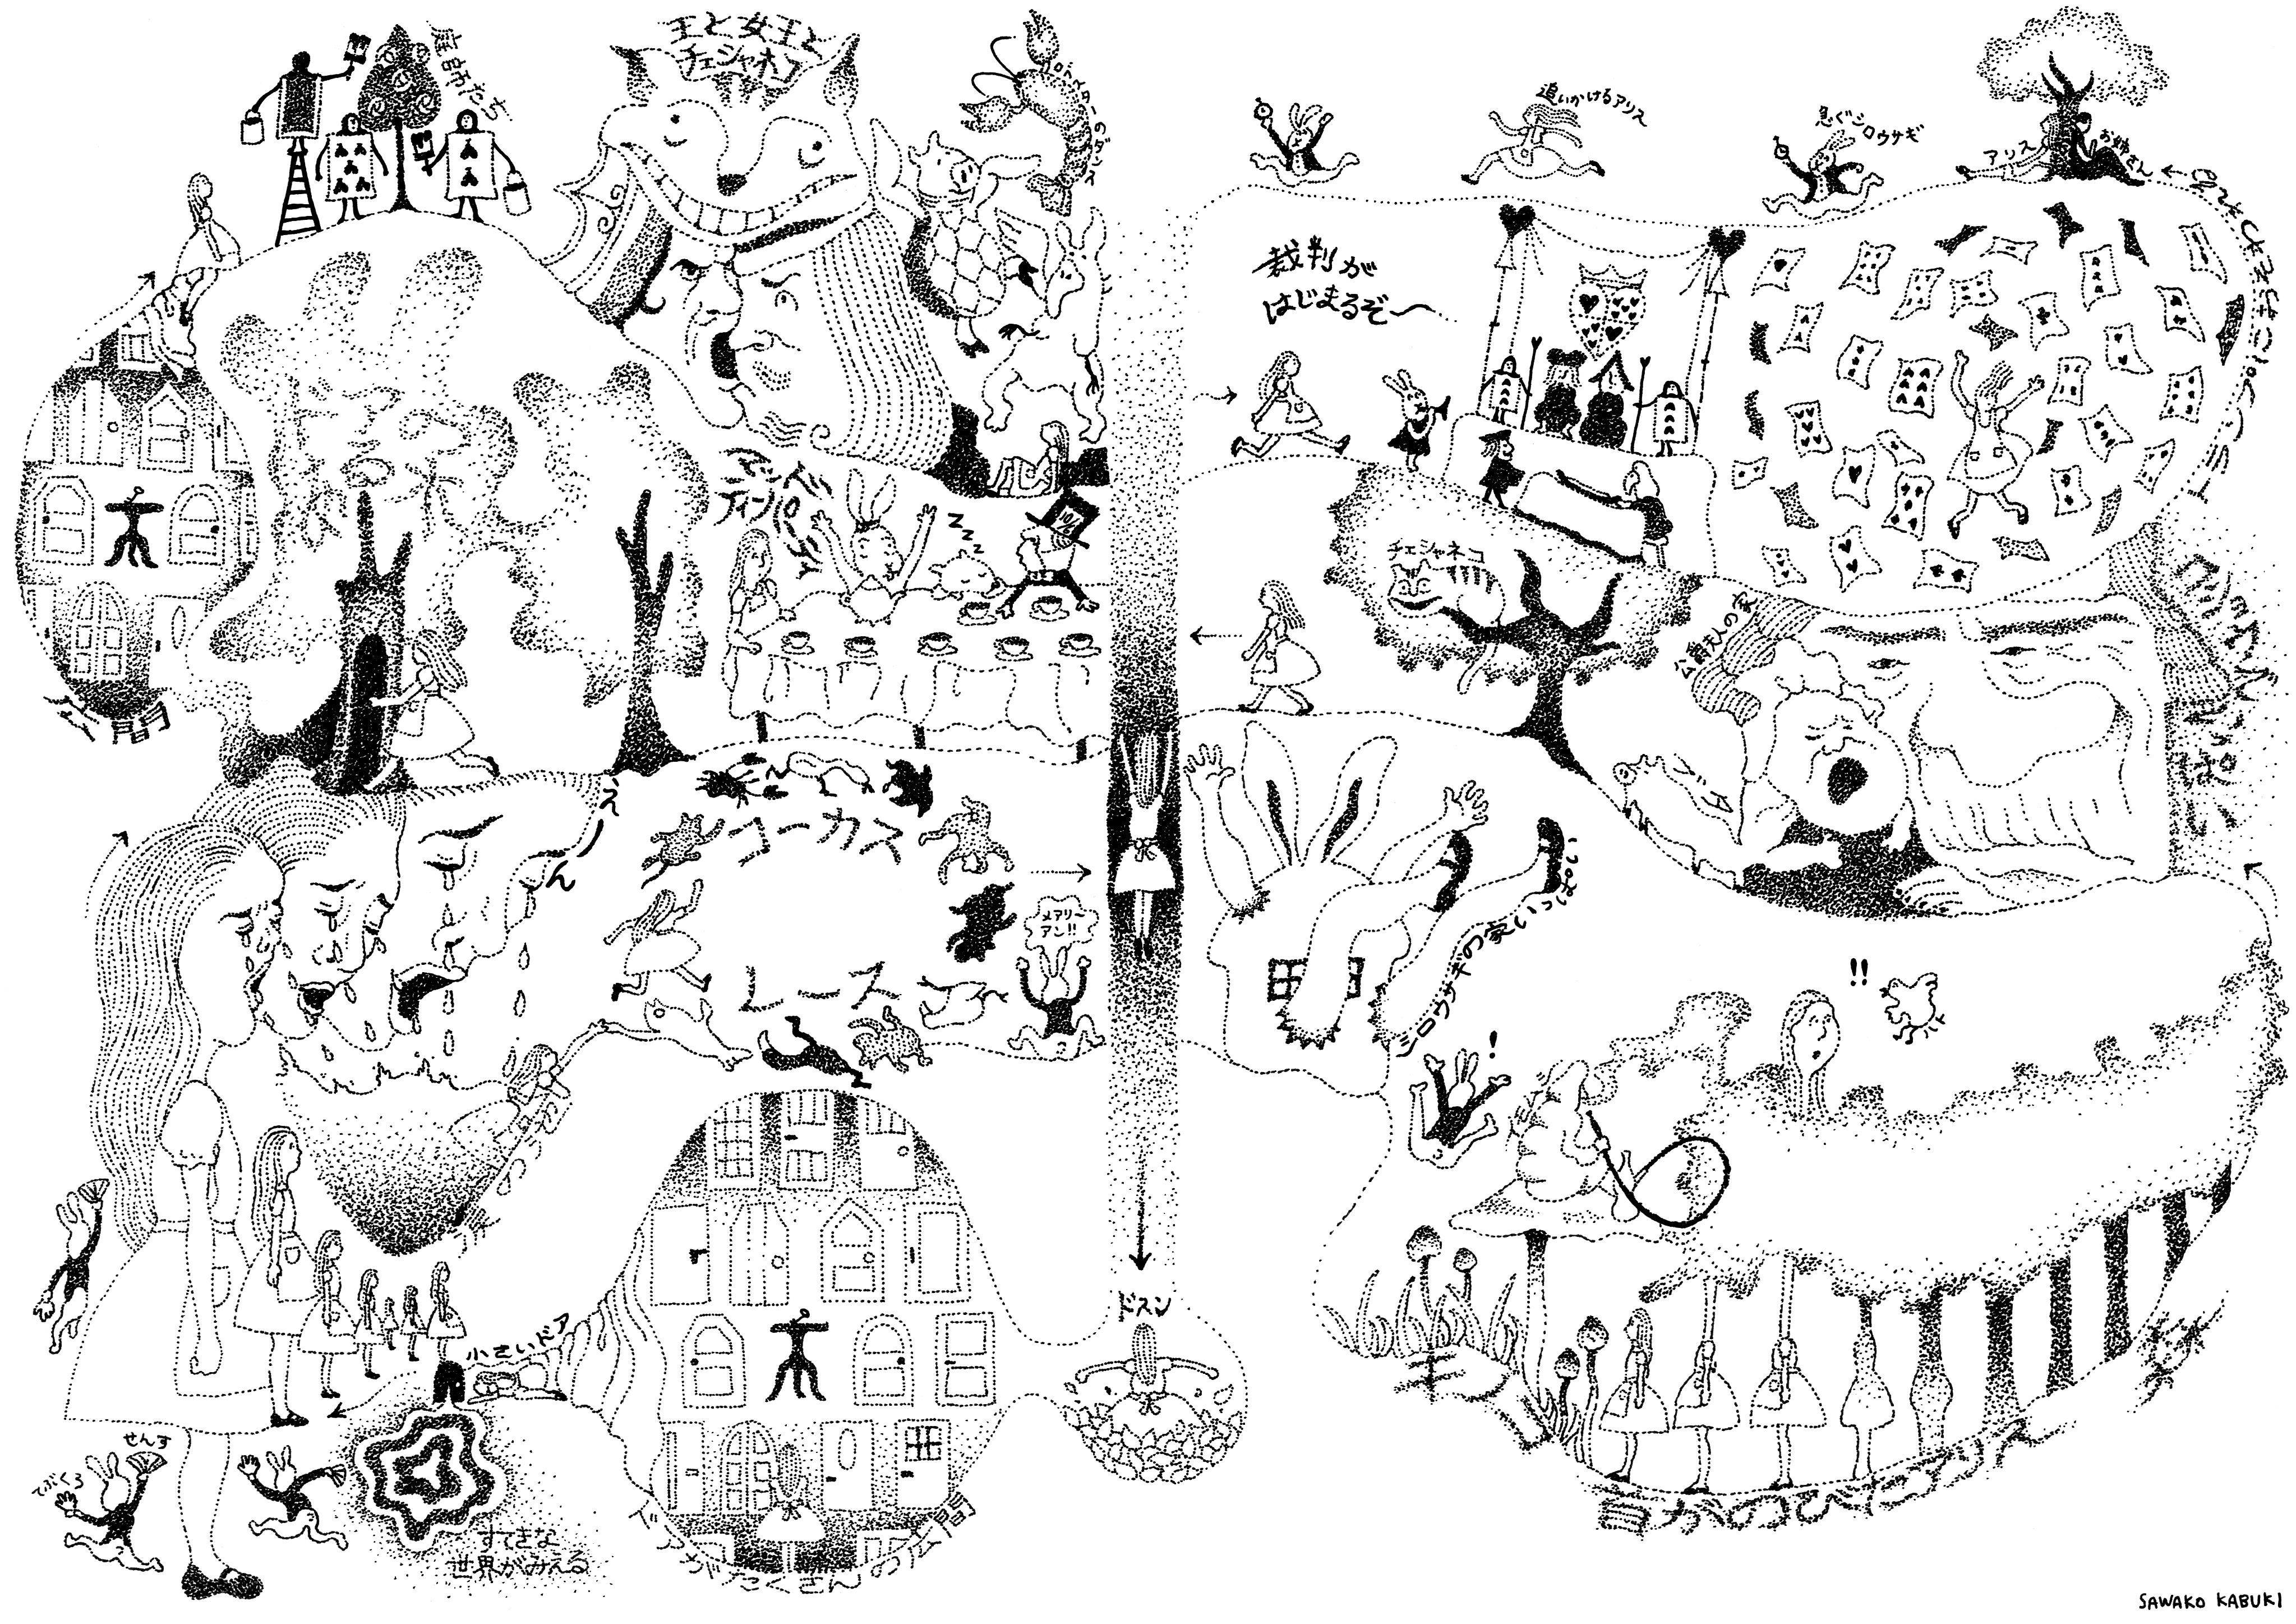 不思議の国のアリスマップ 『不思議の国のアリス 完全読本』挿絵